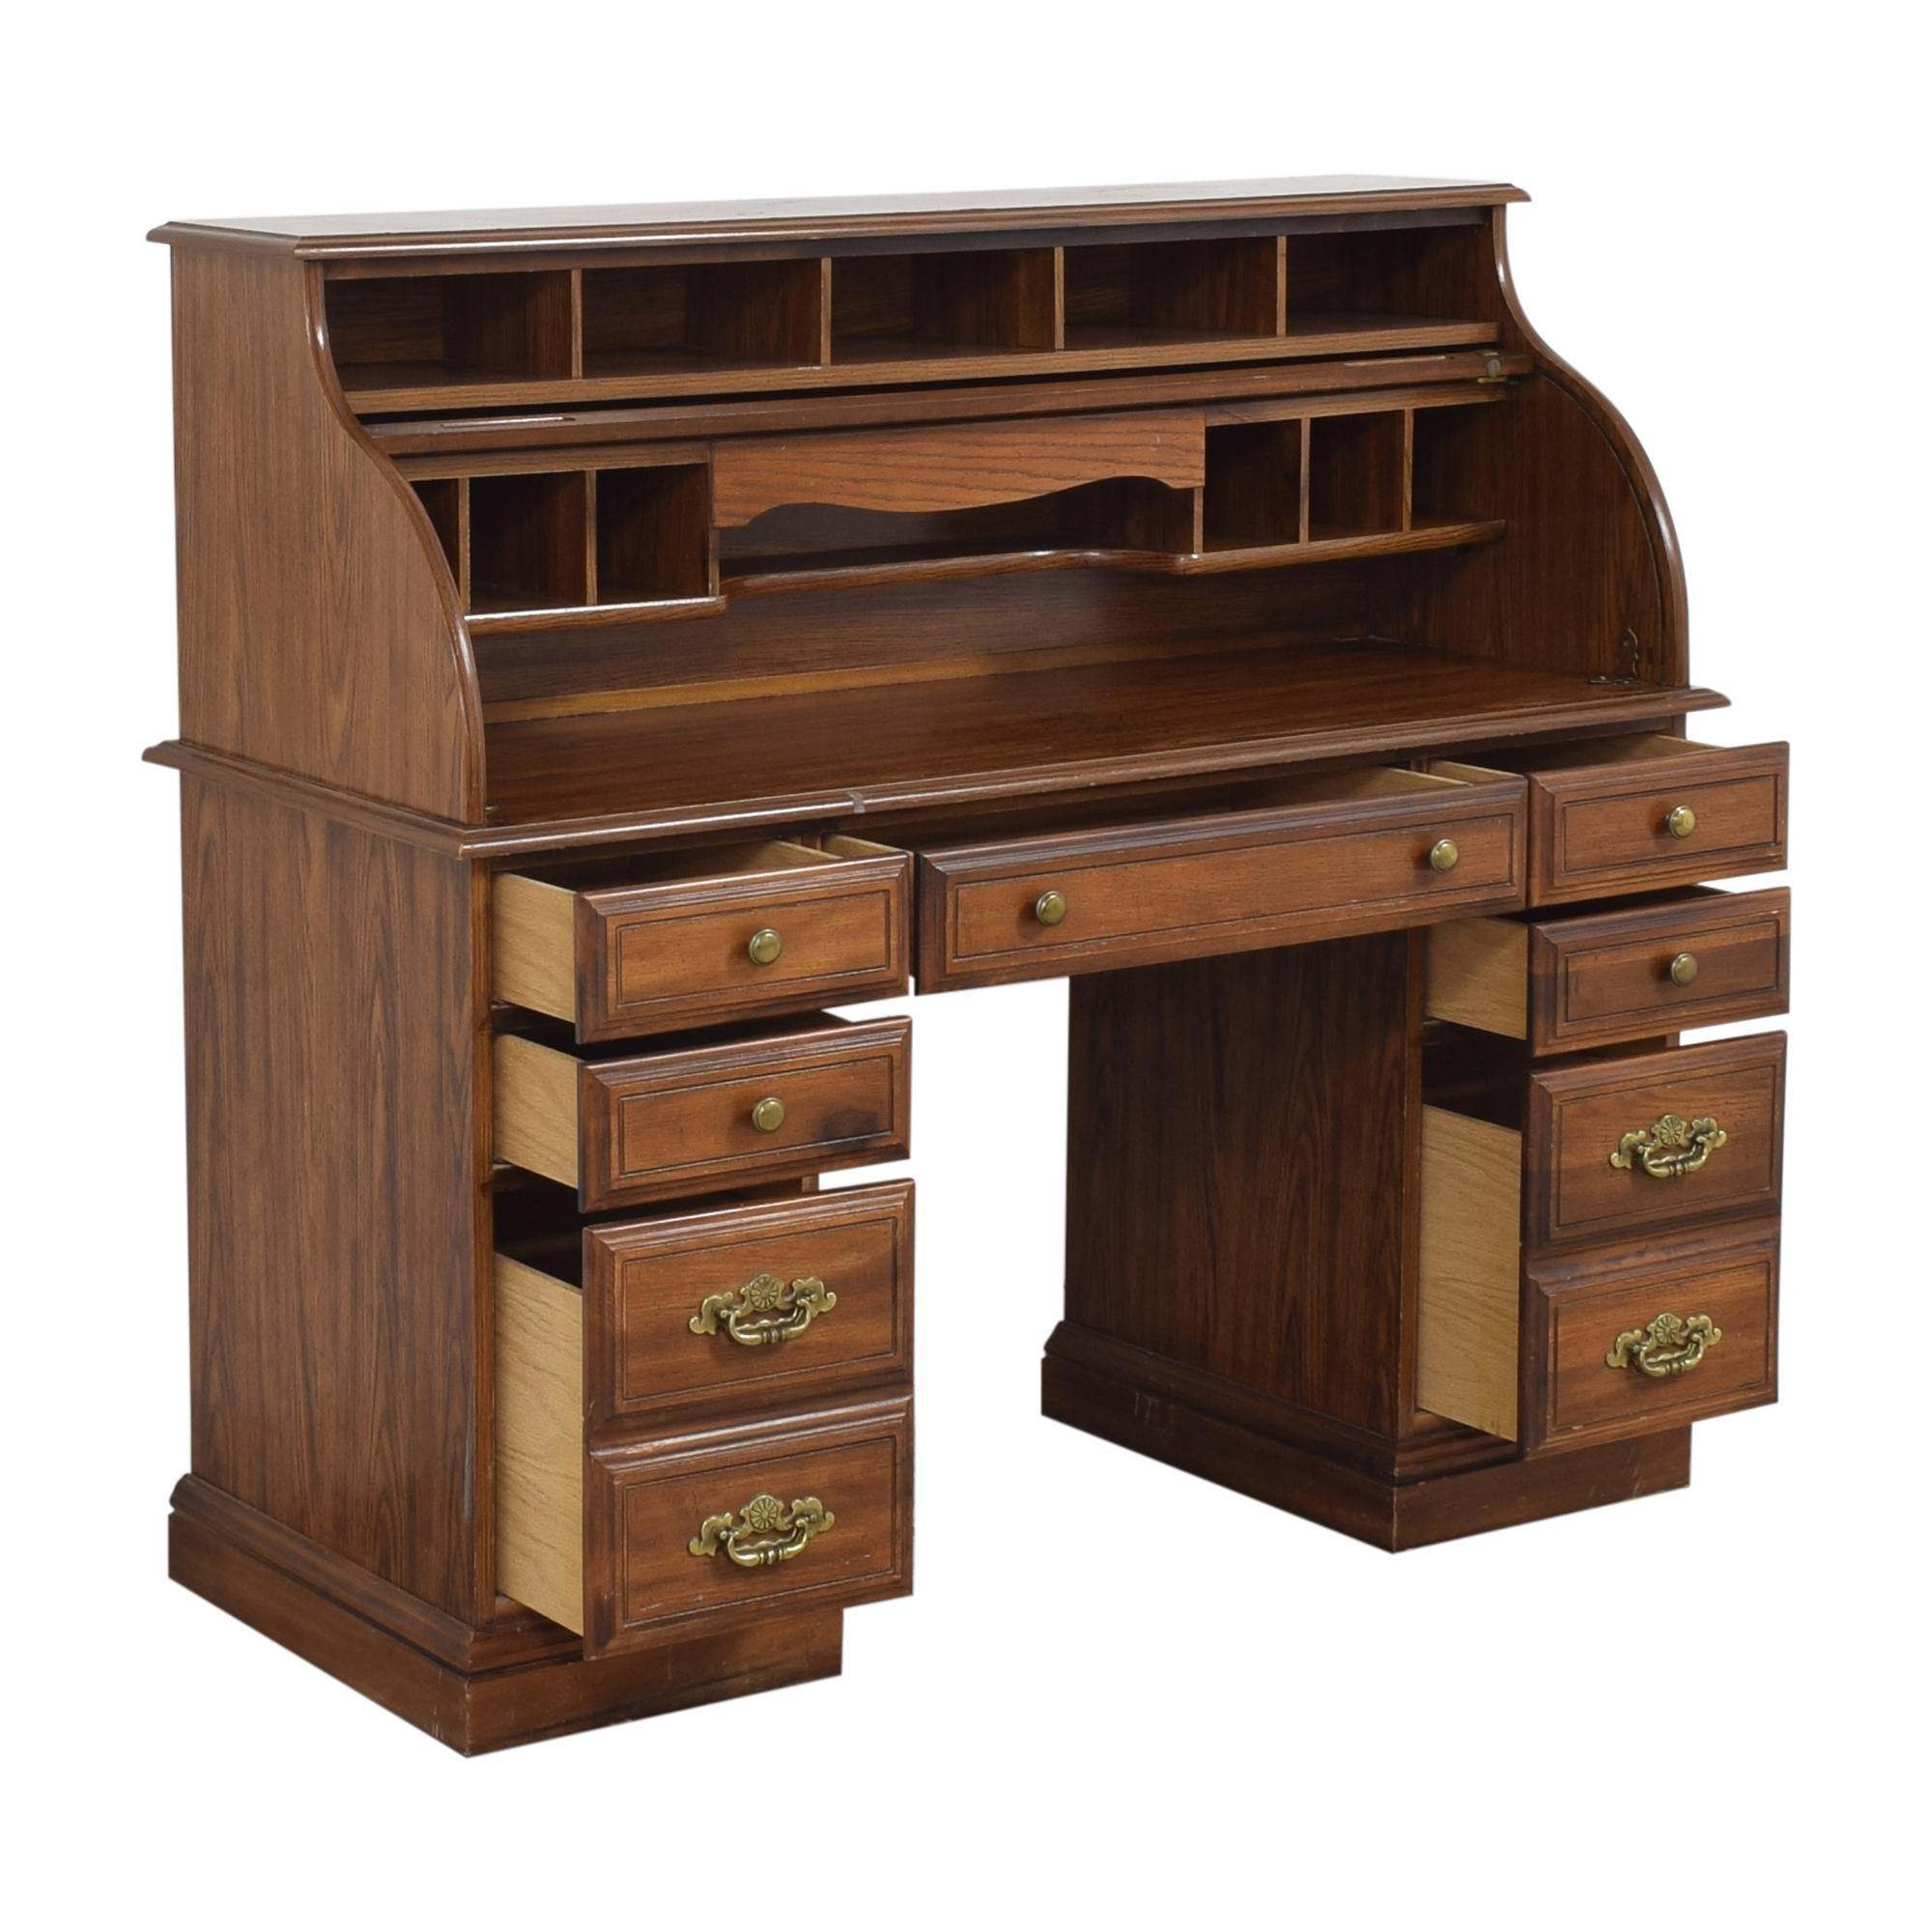 shop Roll Top Double Pedestal Desk